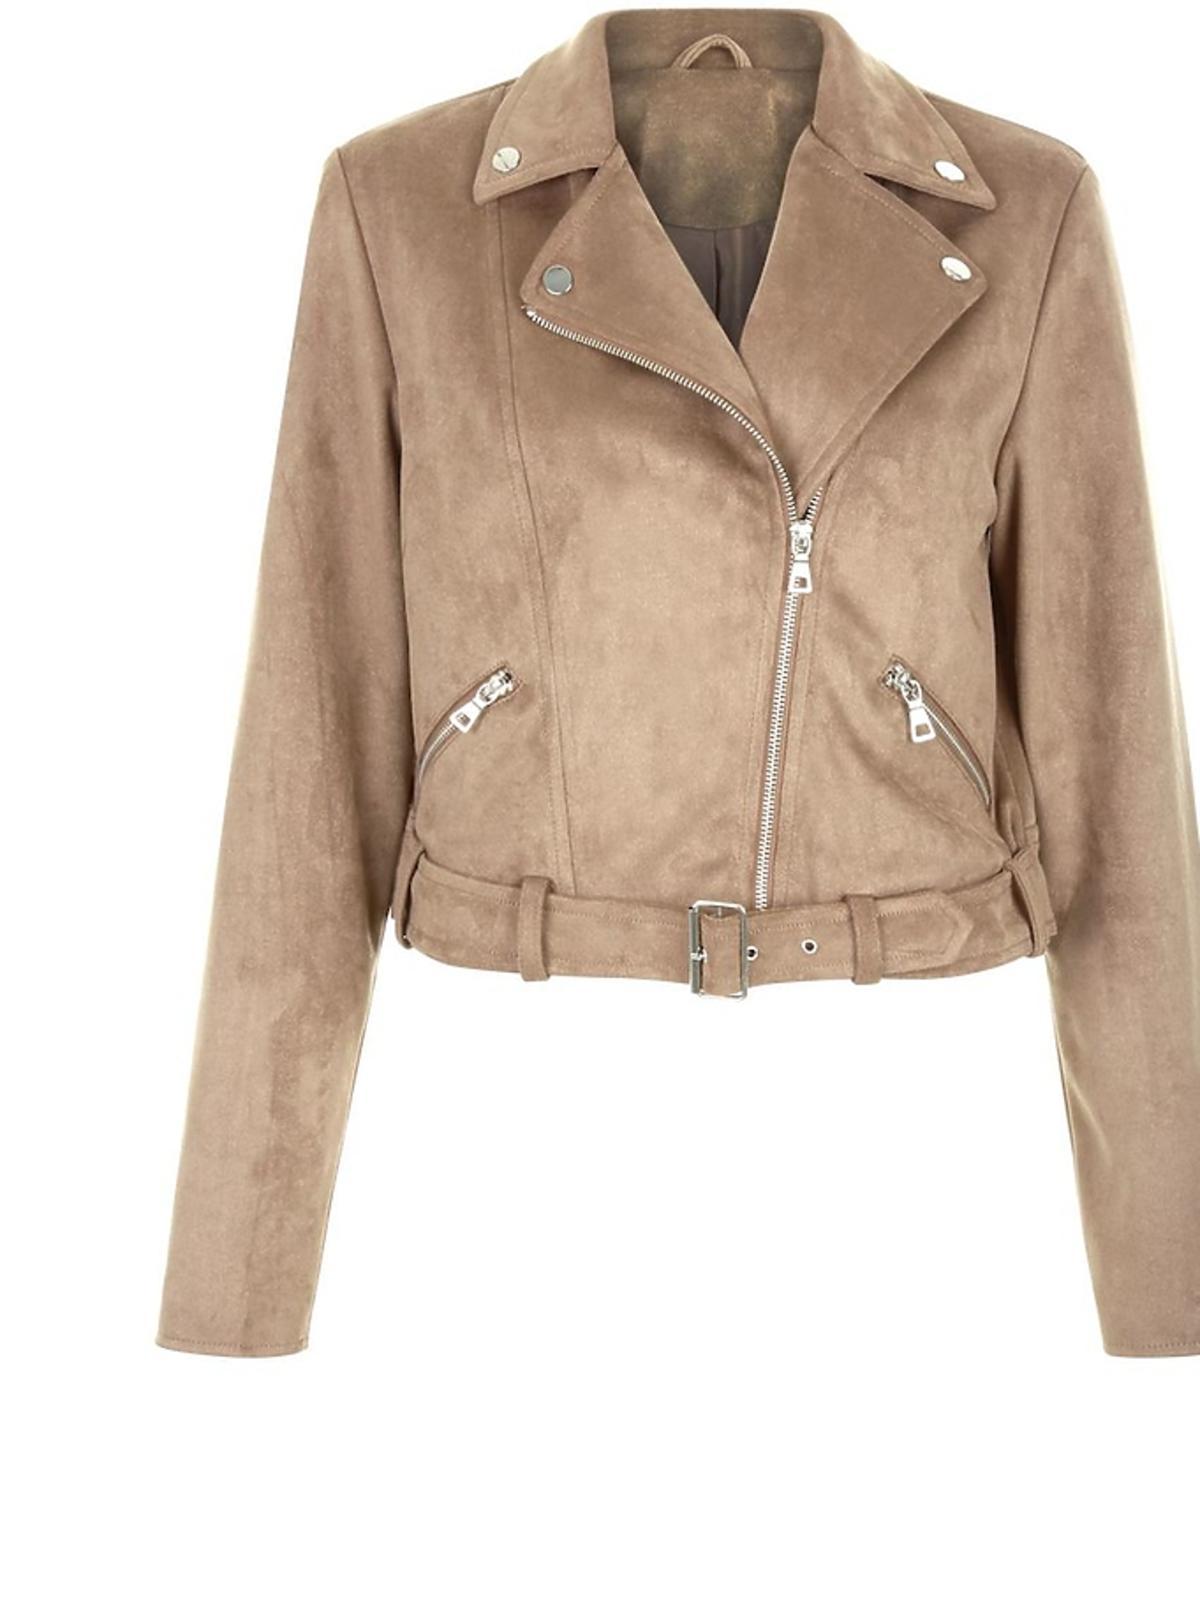 Zamszowa kurtka marki New Look, 149,90 zł